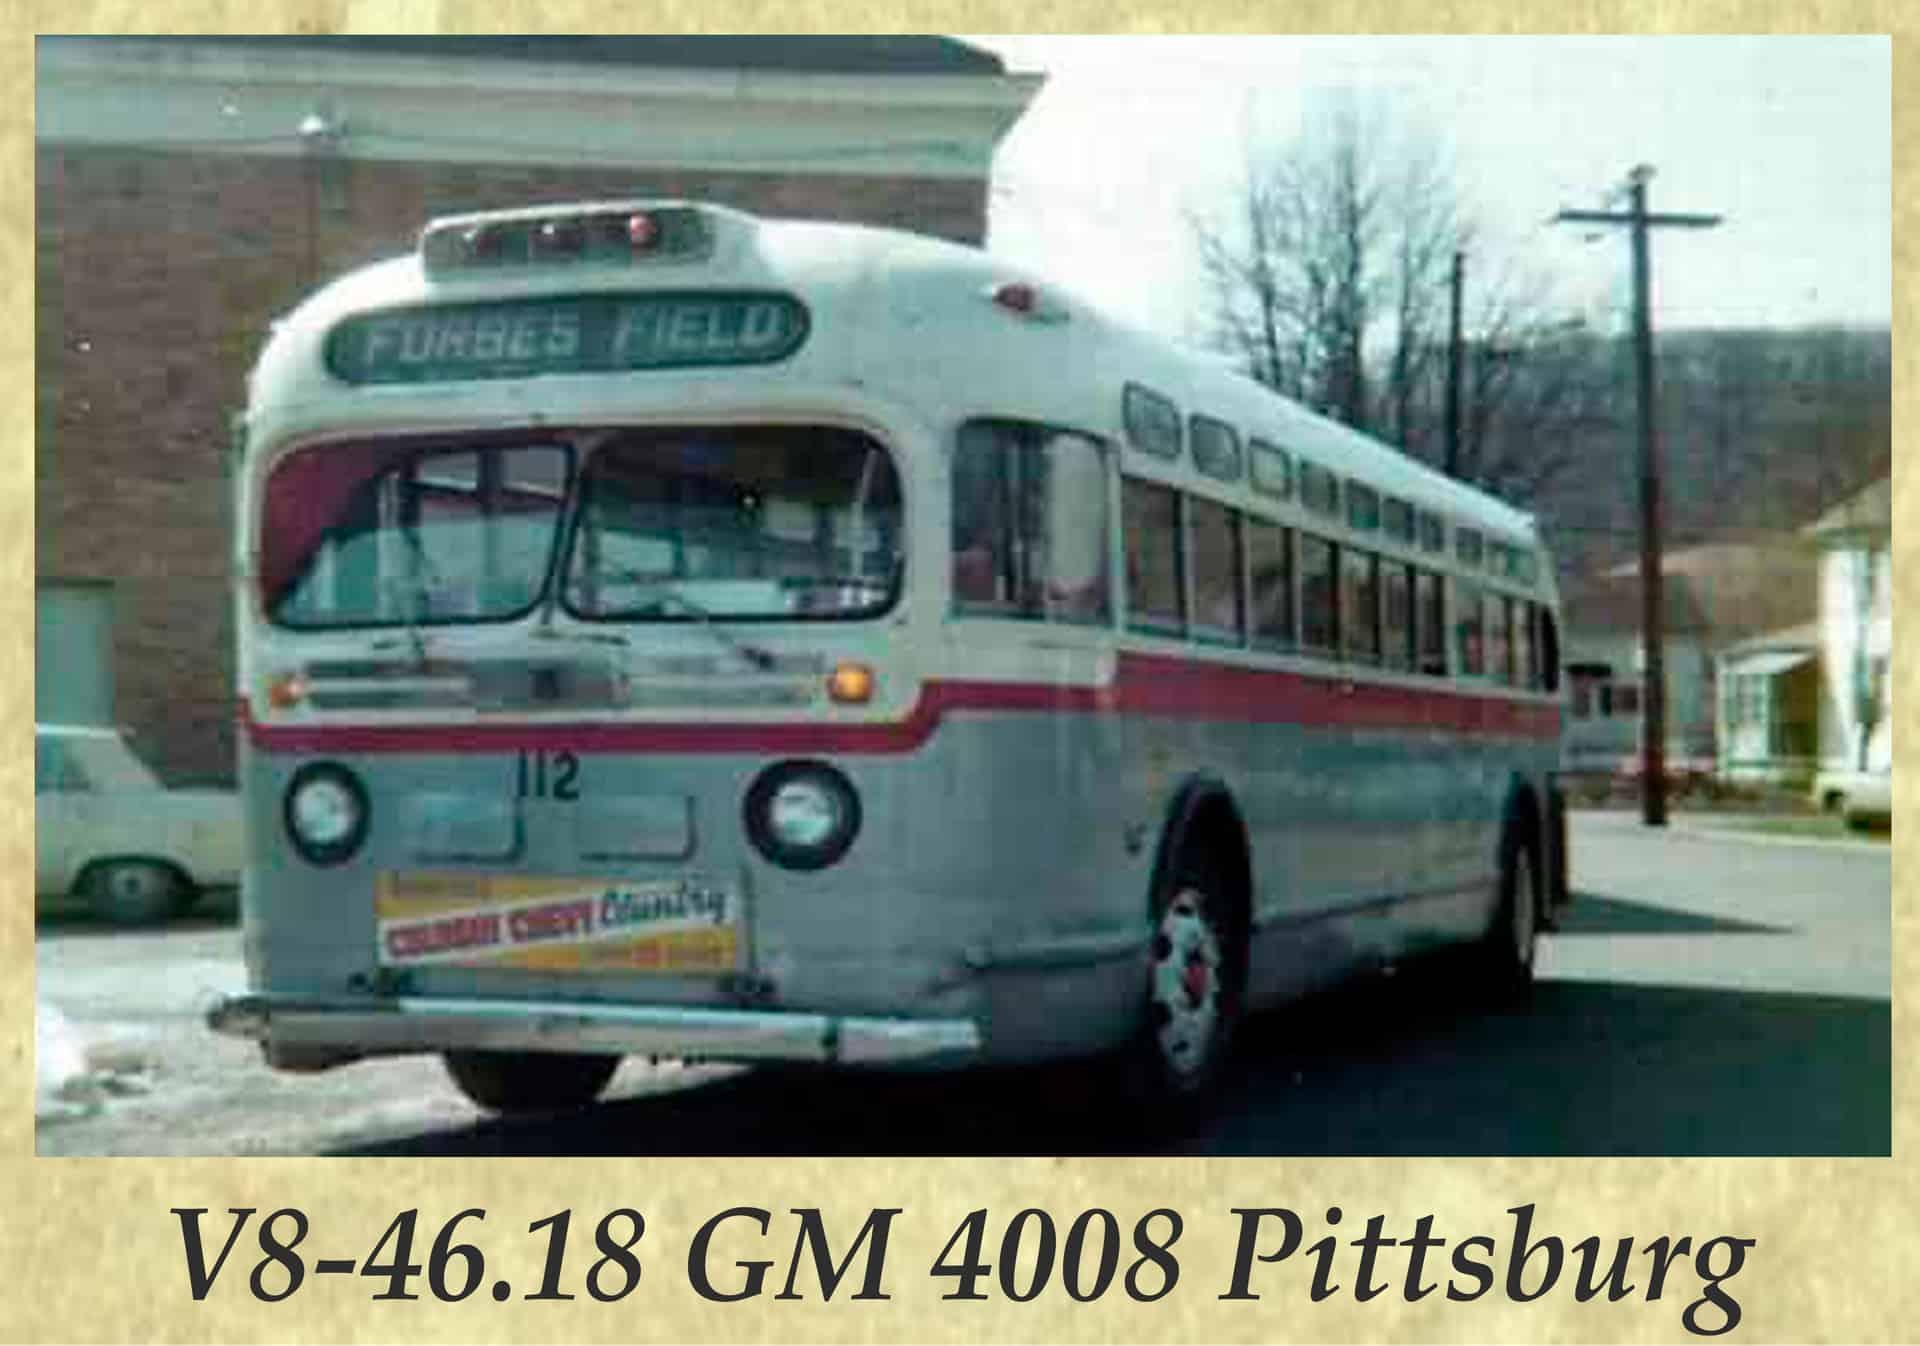 V8-46.18 GM 4008 Pittsburg